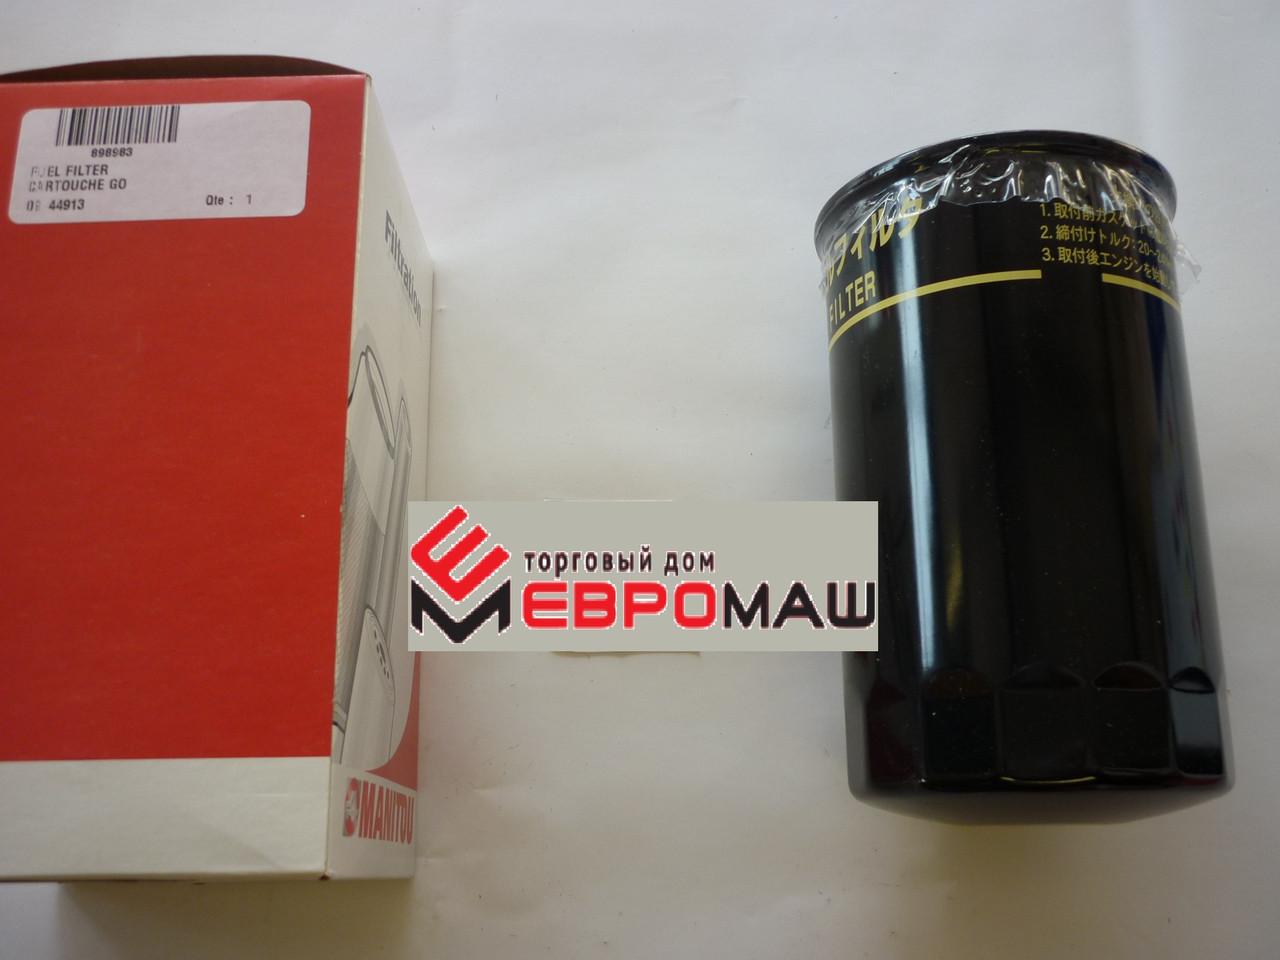 898983 Фильтр топливный Manitou (Маниту) OEM (оригинал)